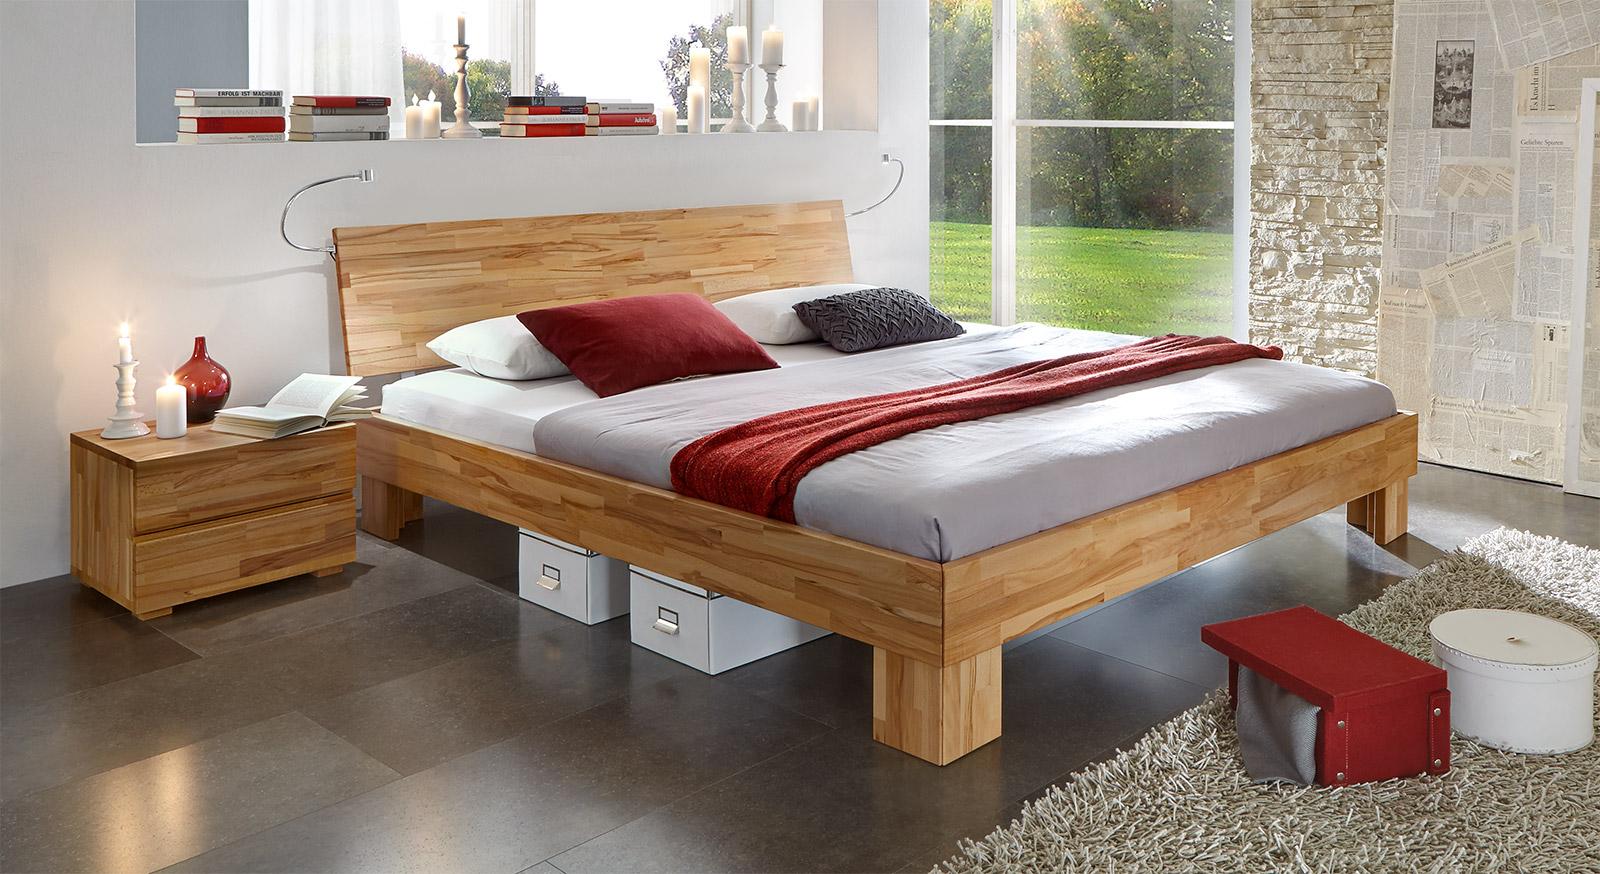 Excellent Doppelbett Nevada Aus Massiver Buche Wengefarben With Bett Eiche  Massiv X With Buche Bett 180x200